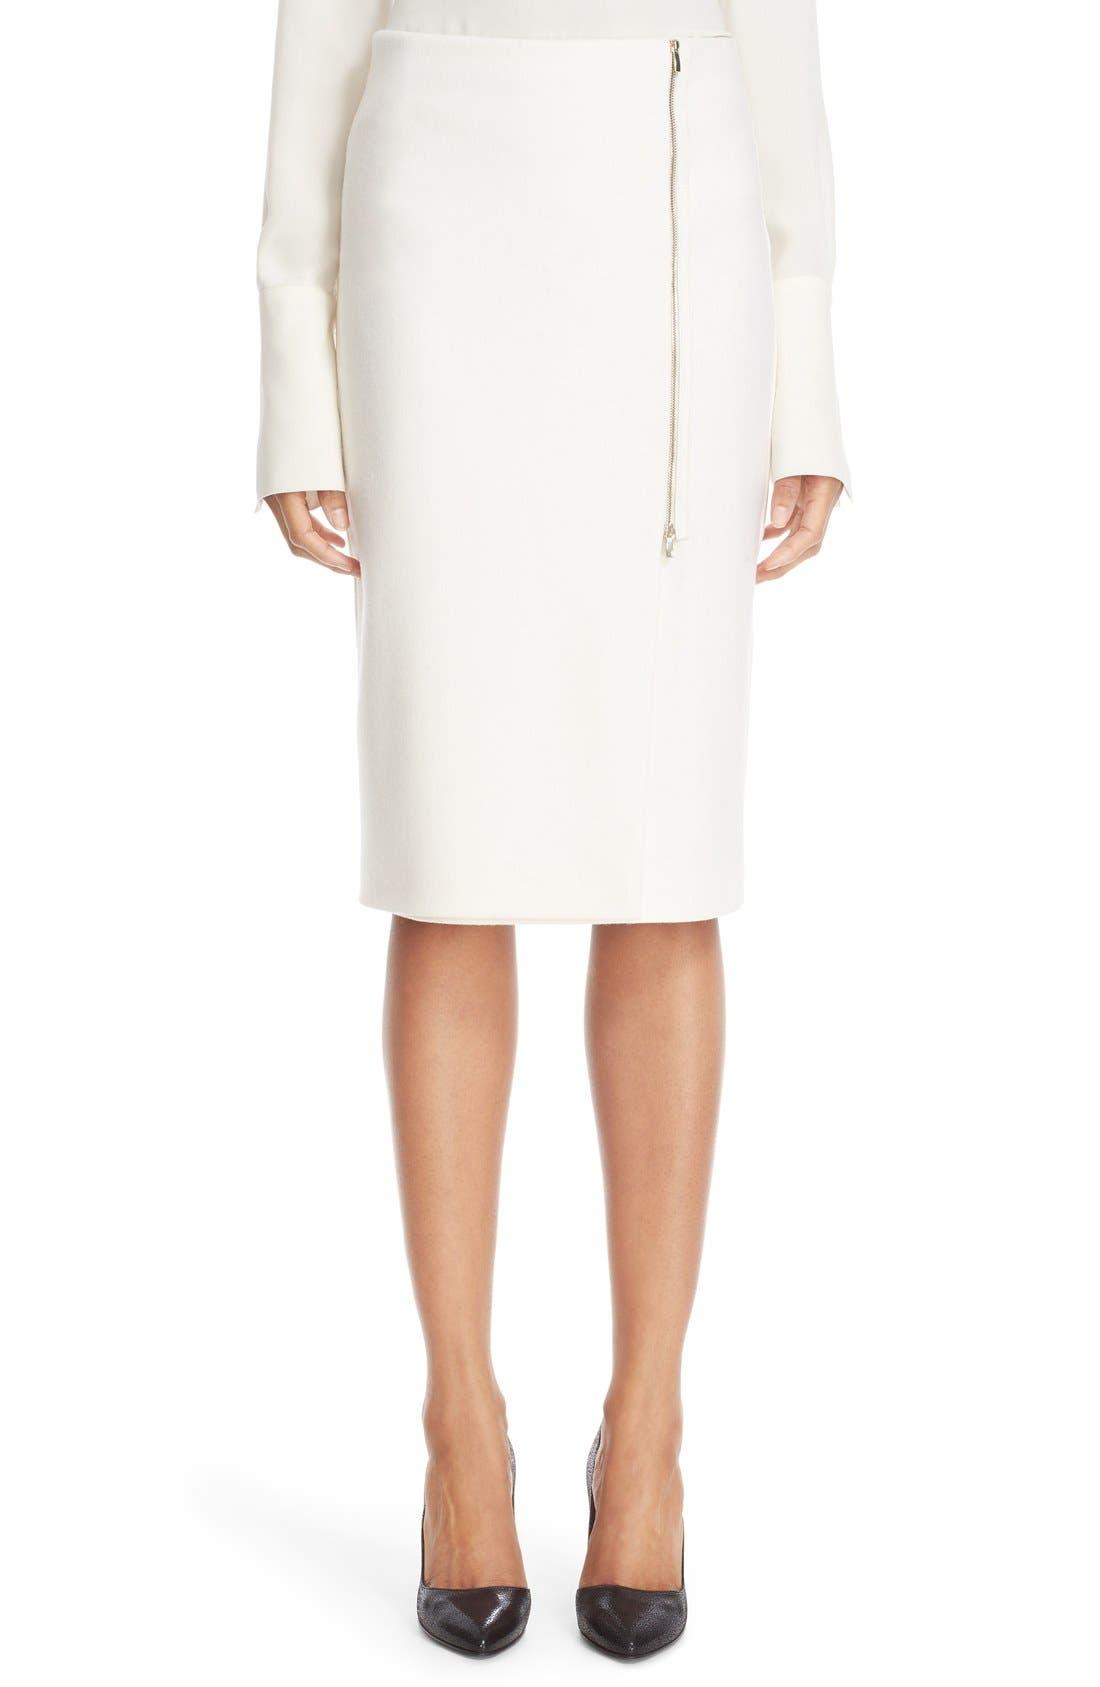 Main Image - Max Mara 'Visita' Wool Jersey Pencil Skirt